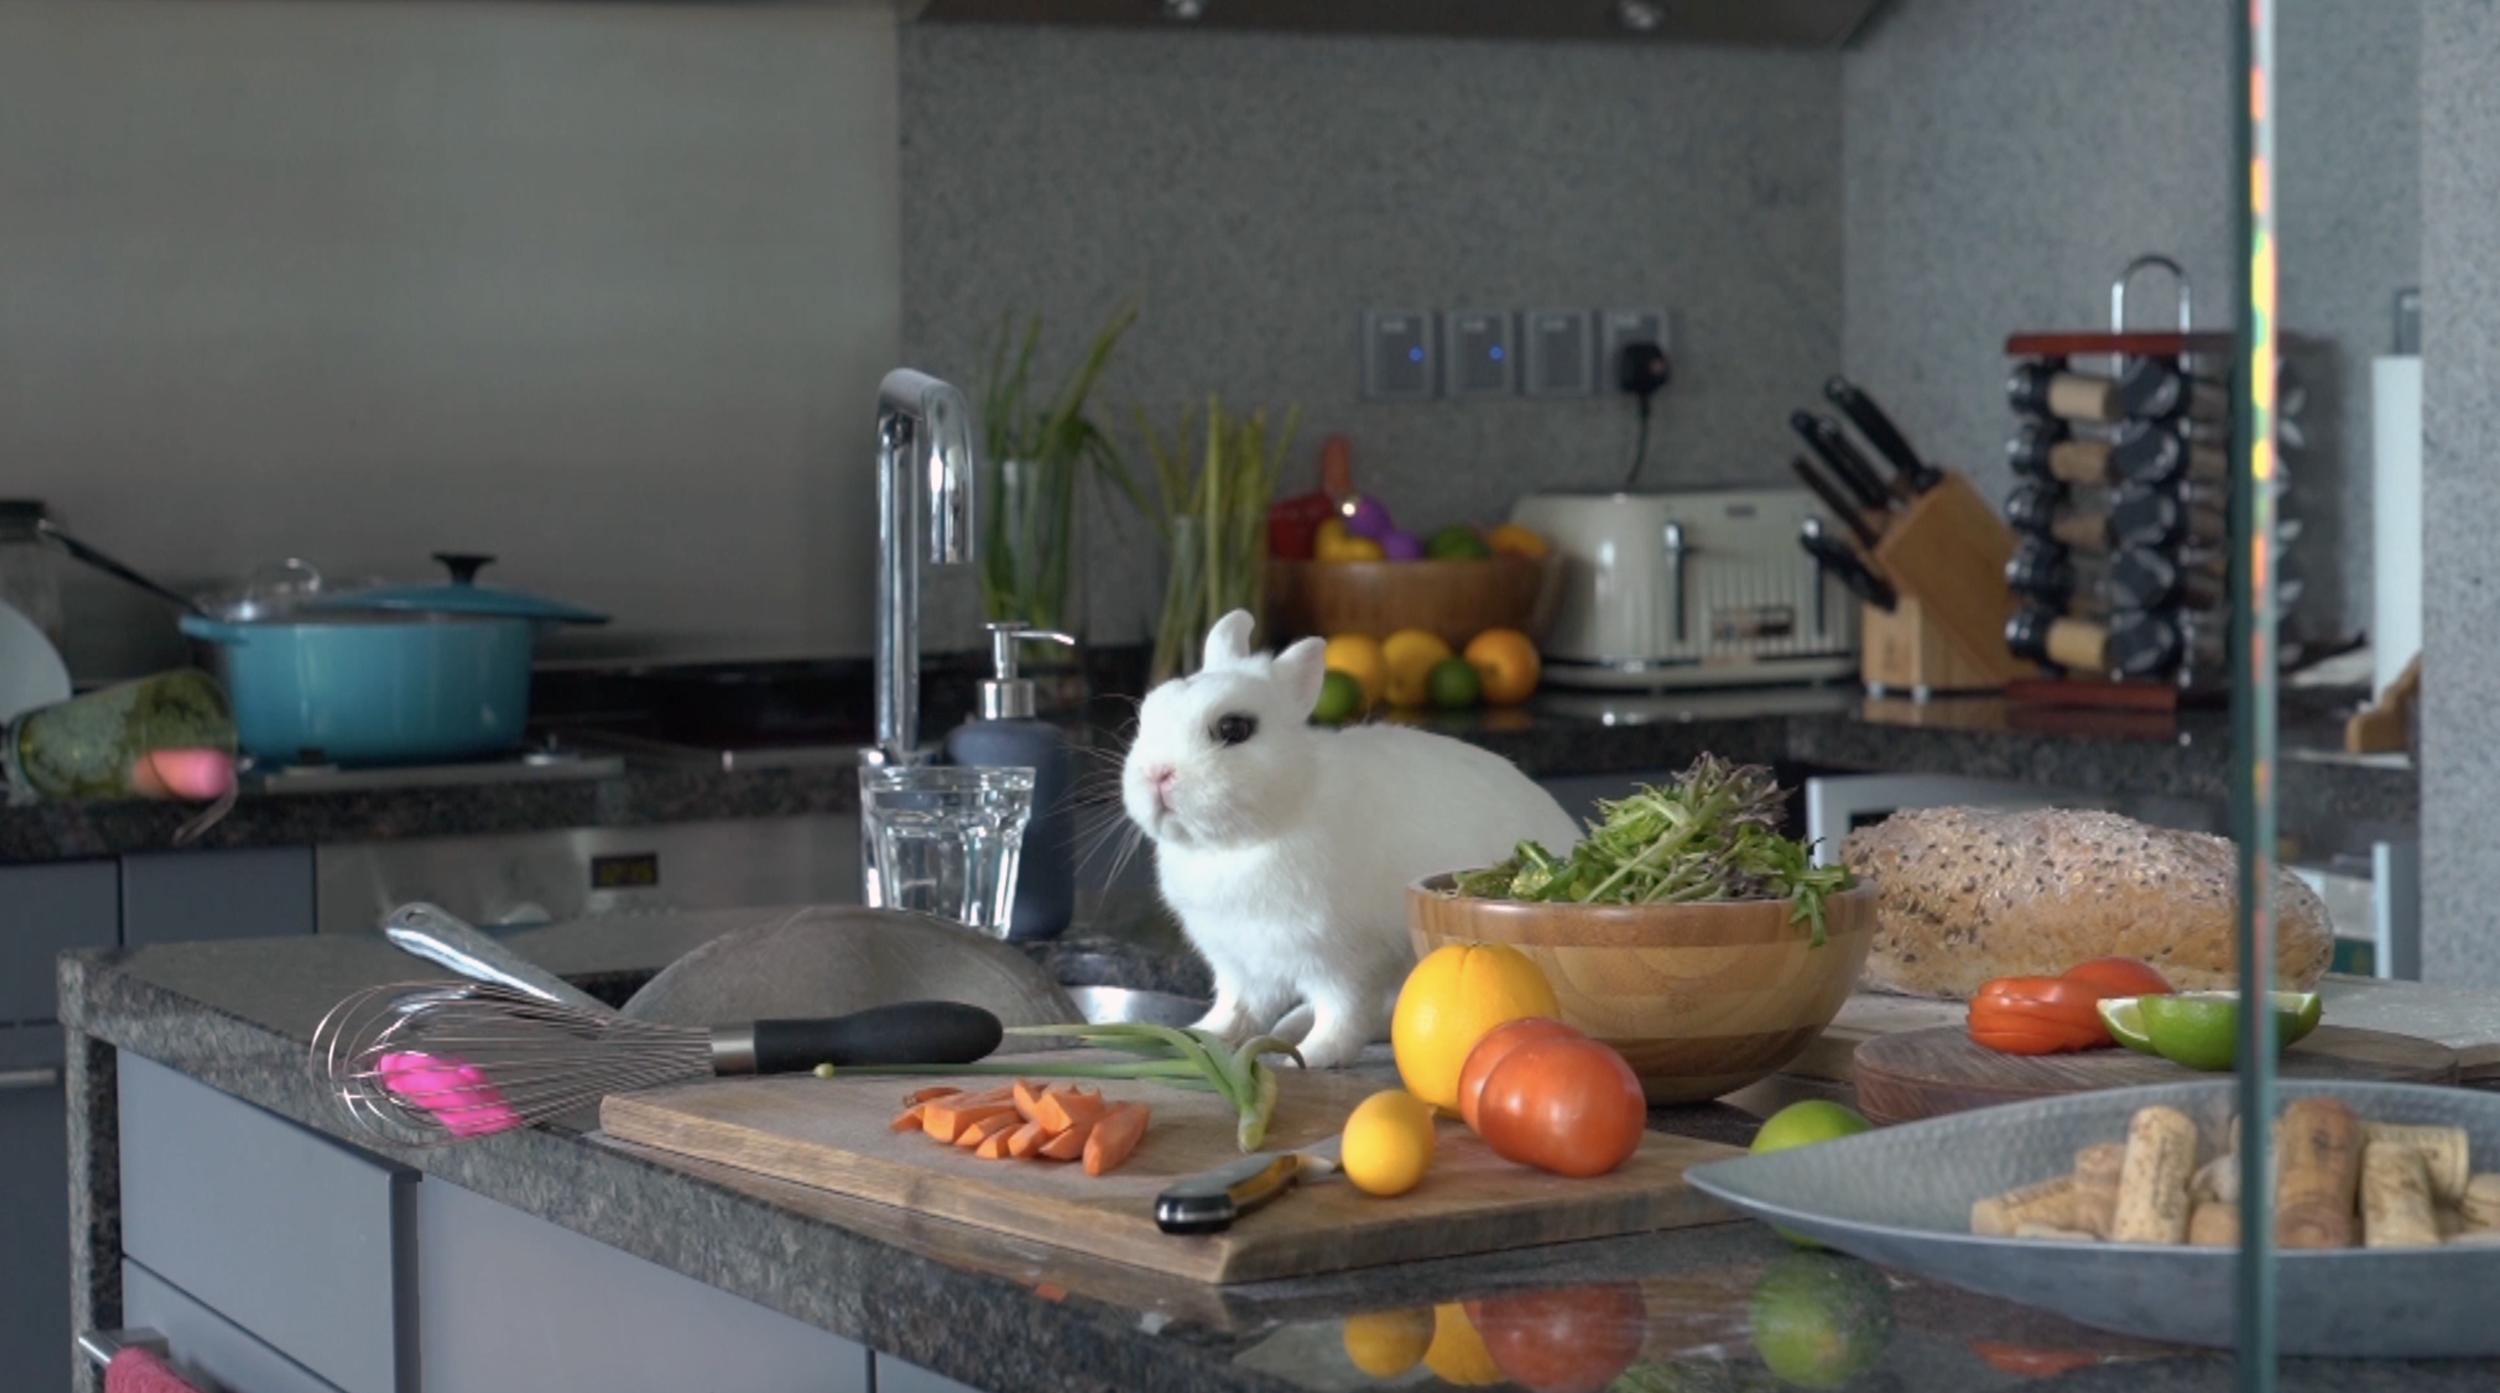 The Rabbit In Her Kitchen